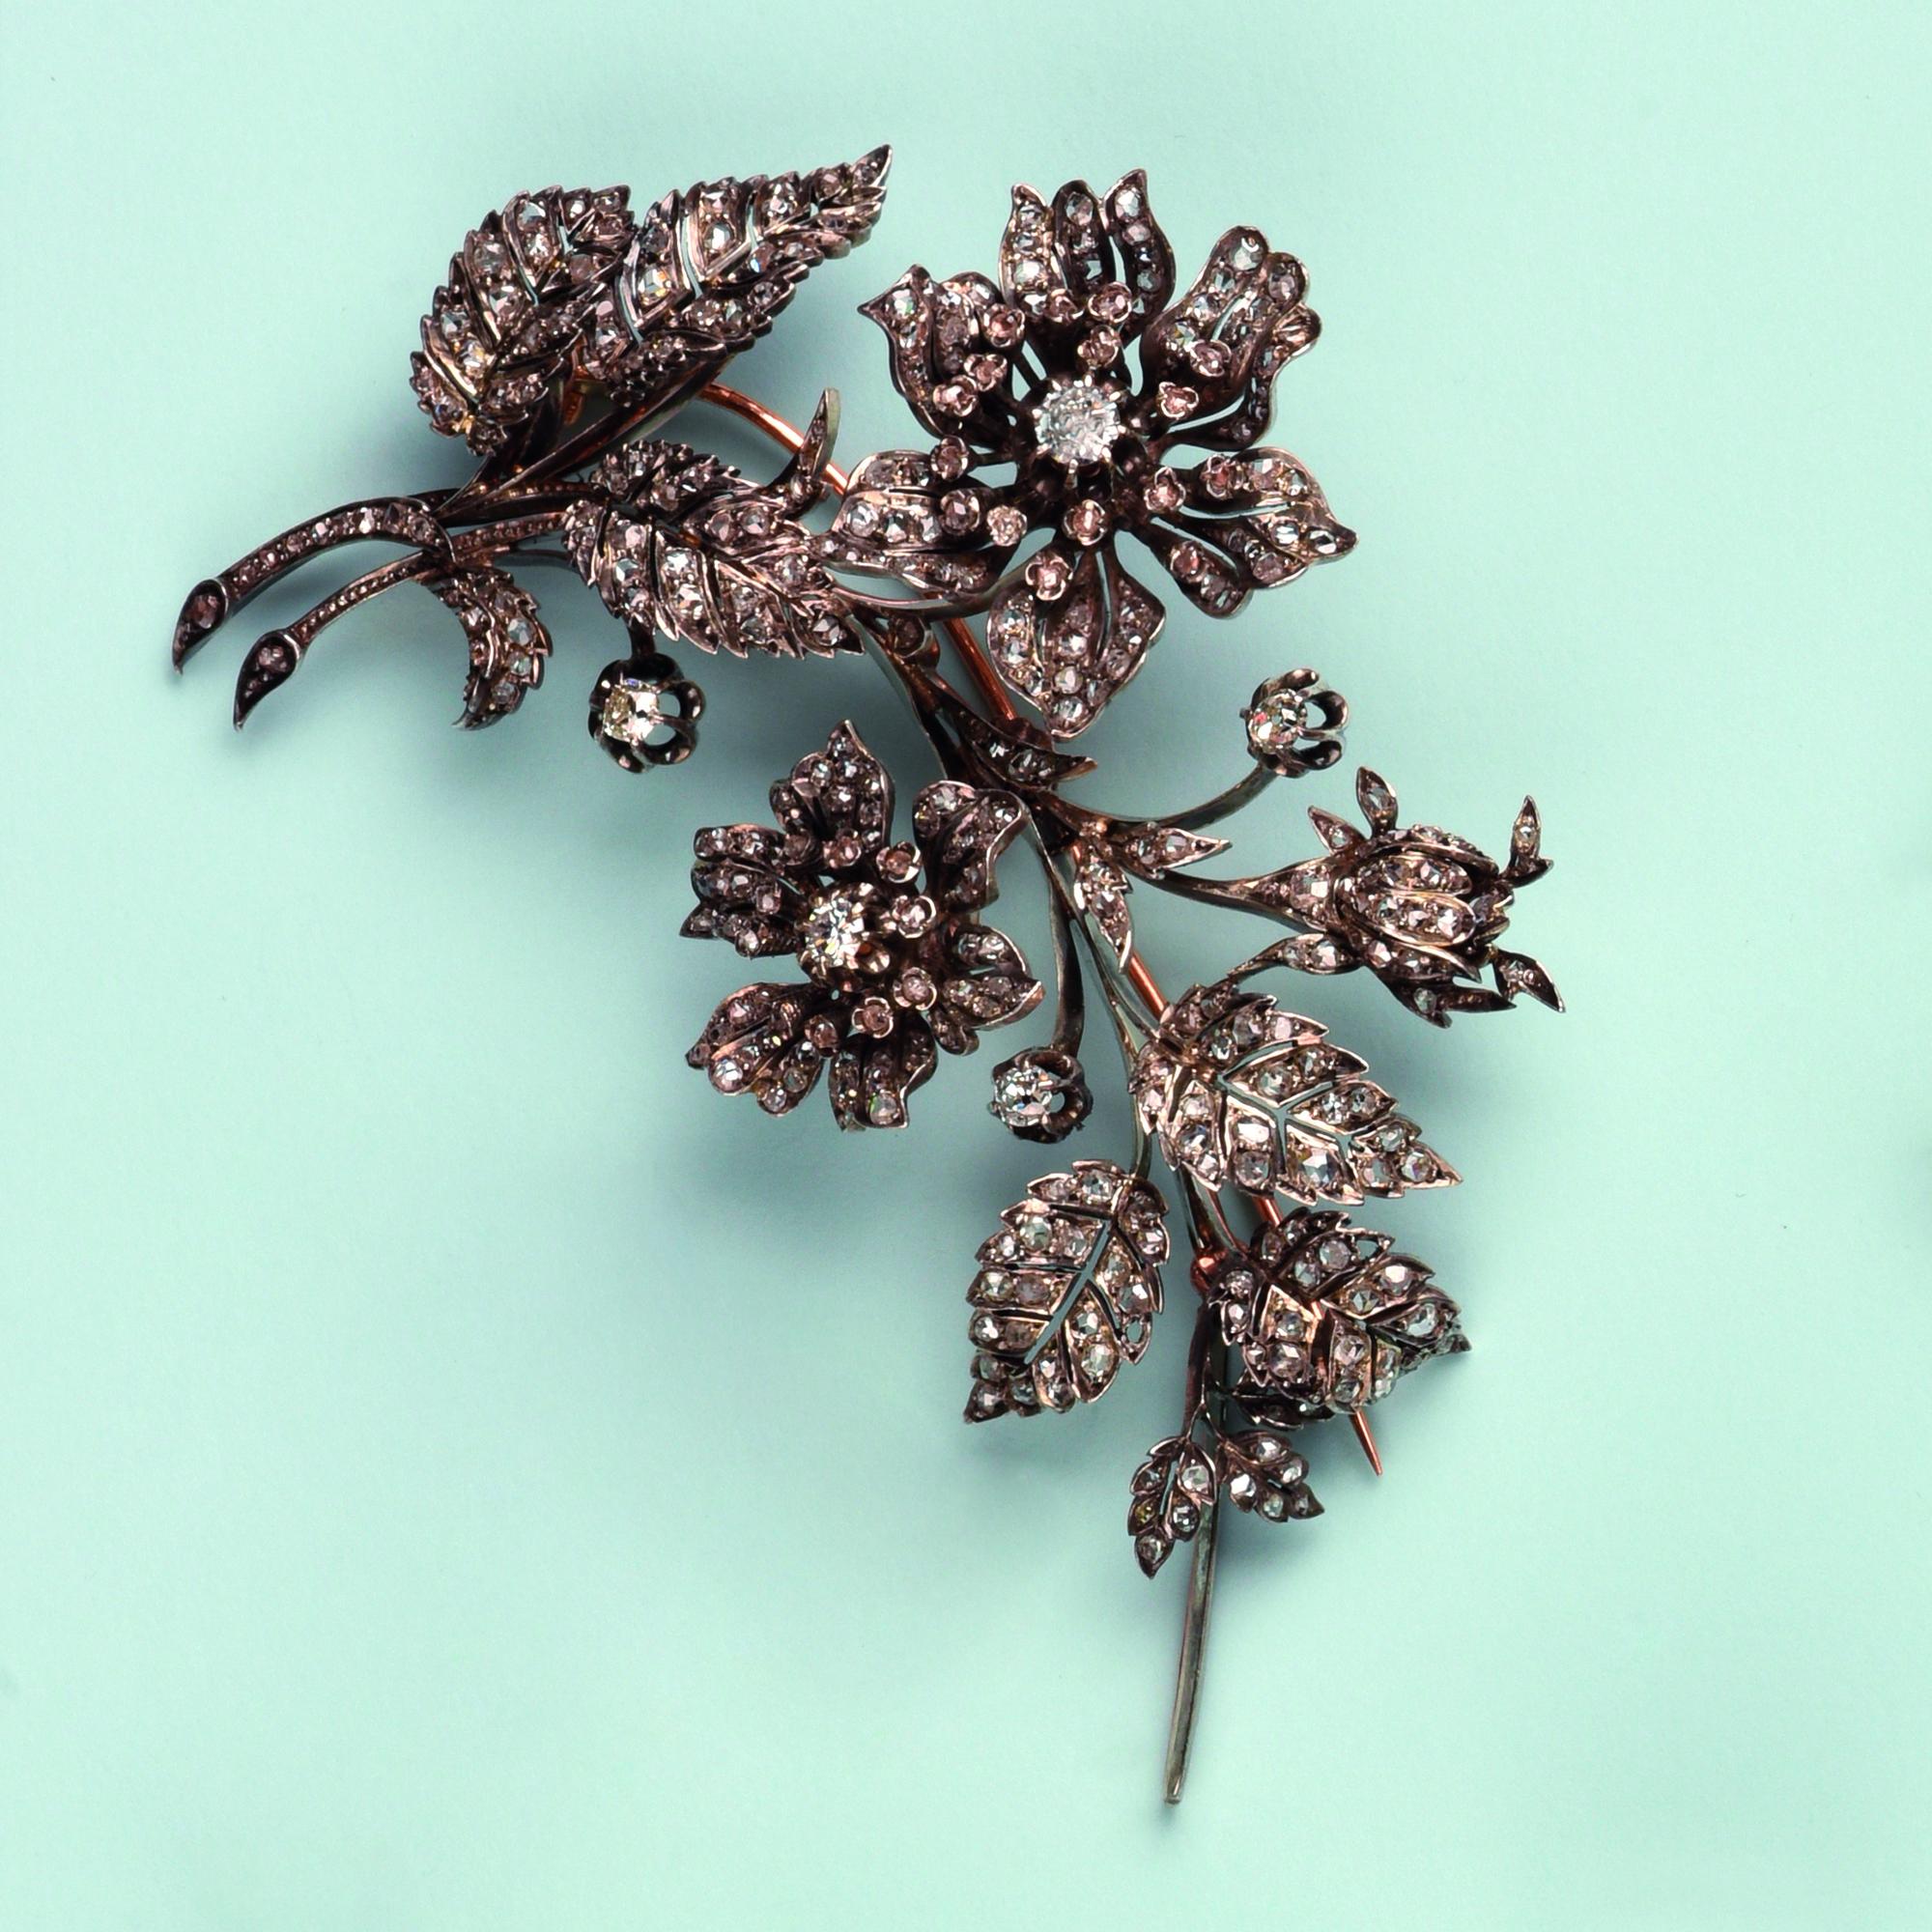 Broche trembleuse en argent et or rose 750. Elle stylise un bouquet floral composé de fleurs d'églantines. Les pistils sont ornés de diamants de taille ancienne dans un pourtour de roses. Les feuillages sont pavés de diamant de taille rose. Travail français du 19ème siècle. Longueur env. 15cm, largeur env. 7 cm Poids brut env. 51,3 g.